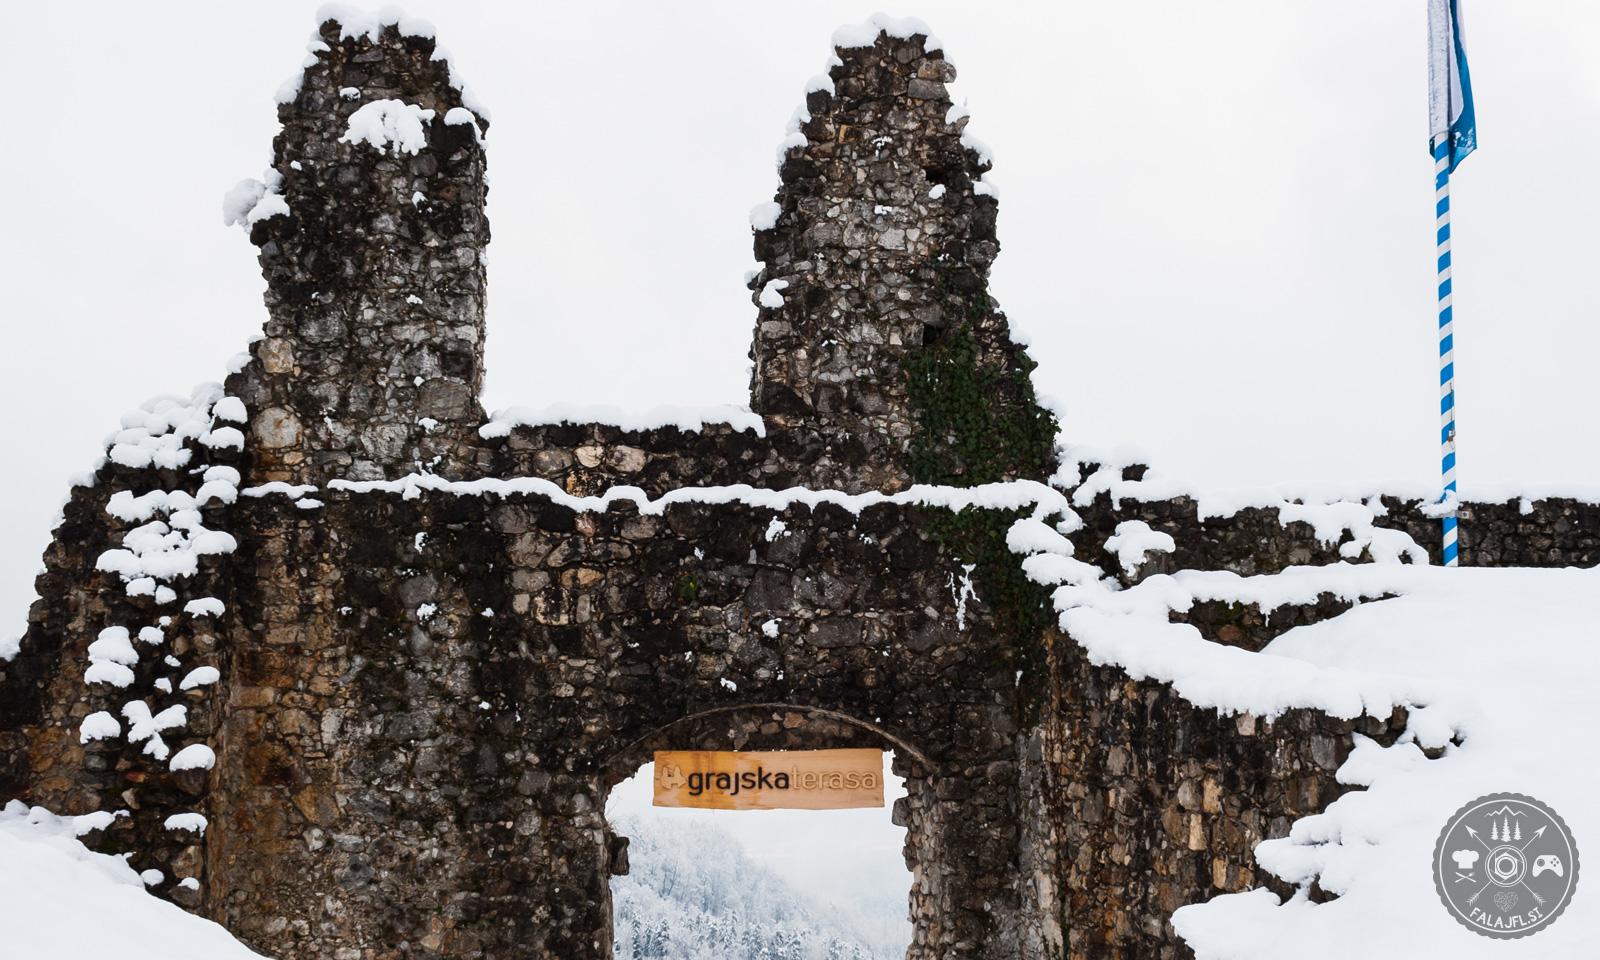 Stari grad, Kamnik